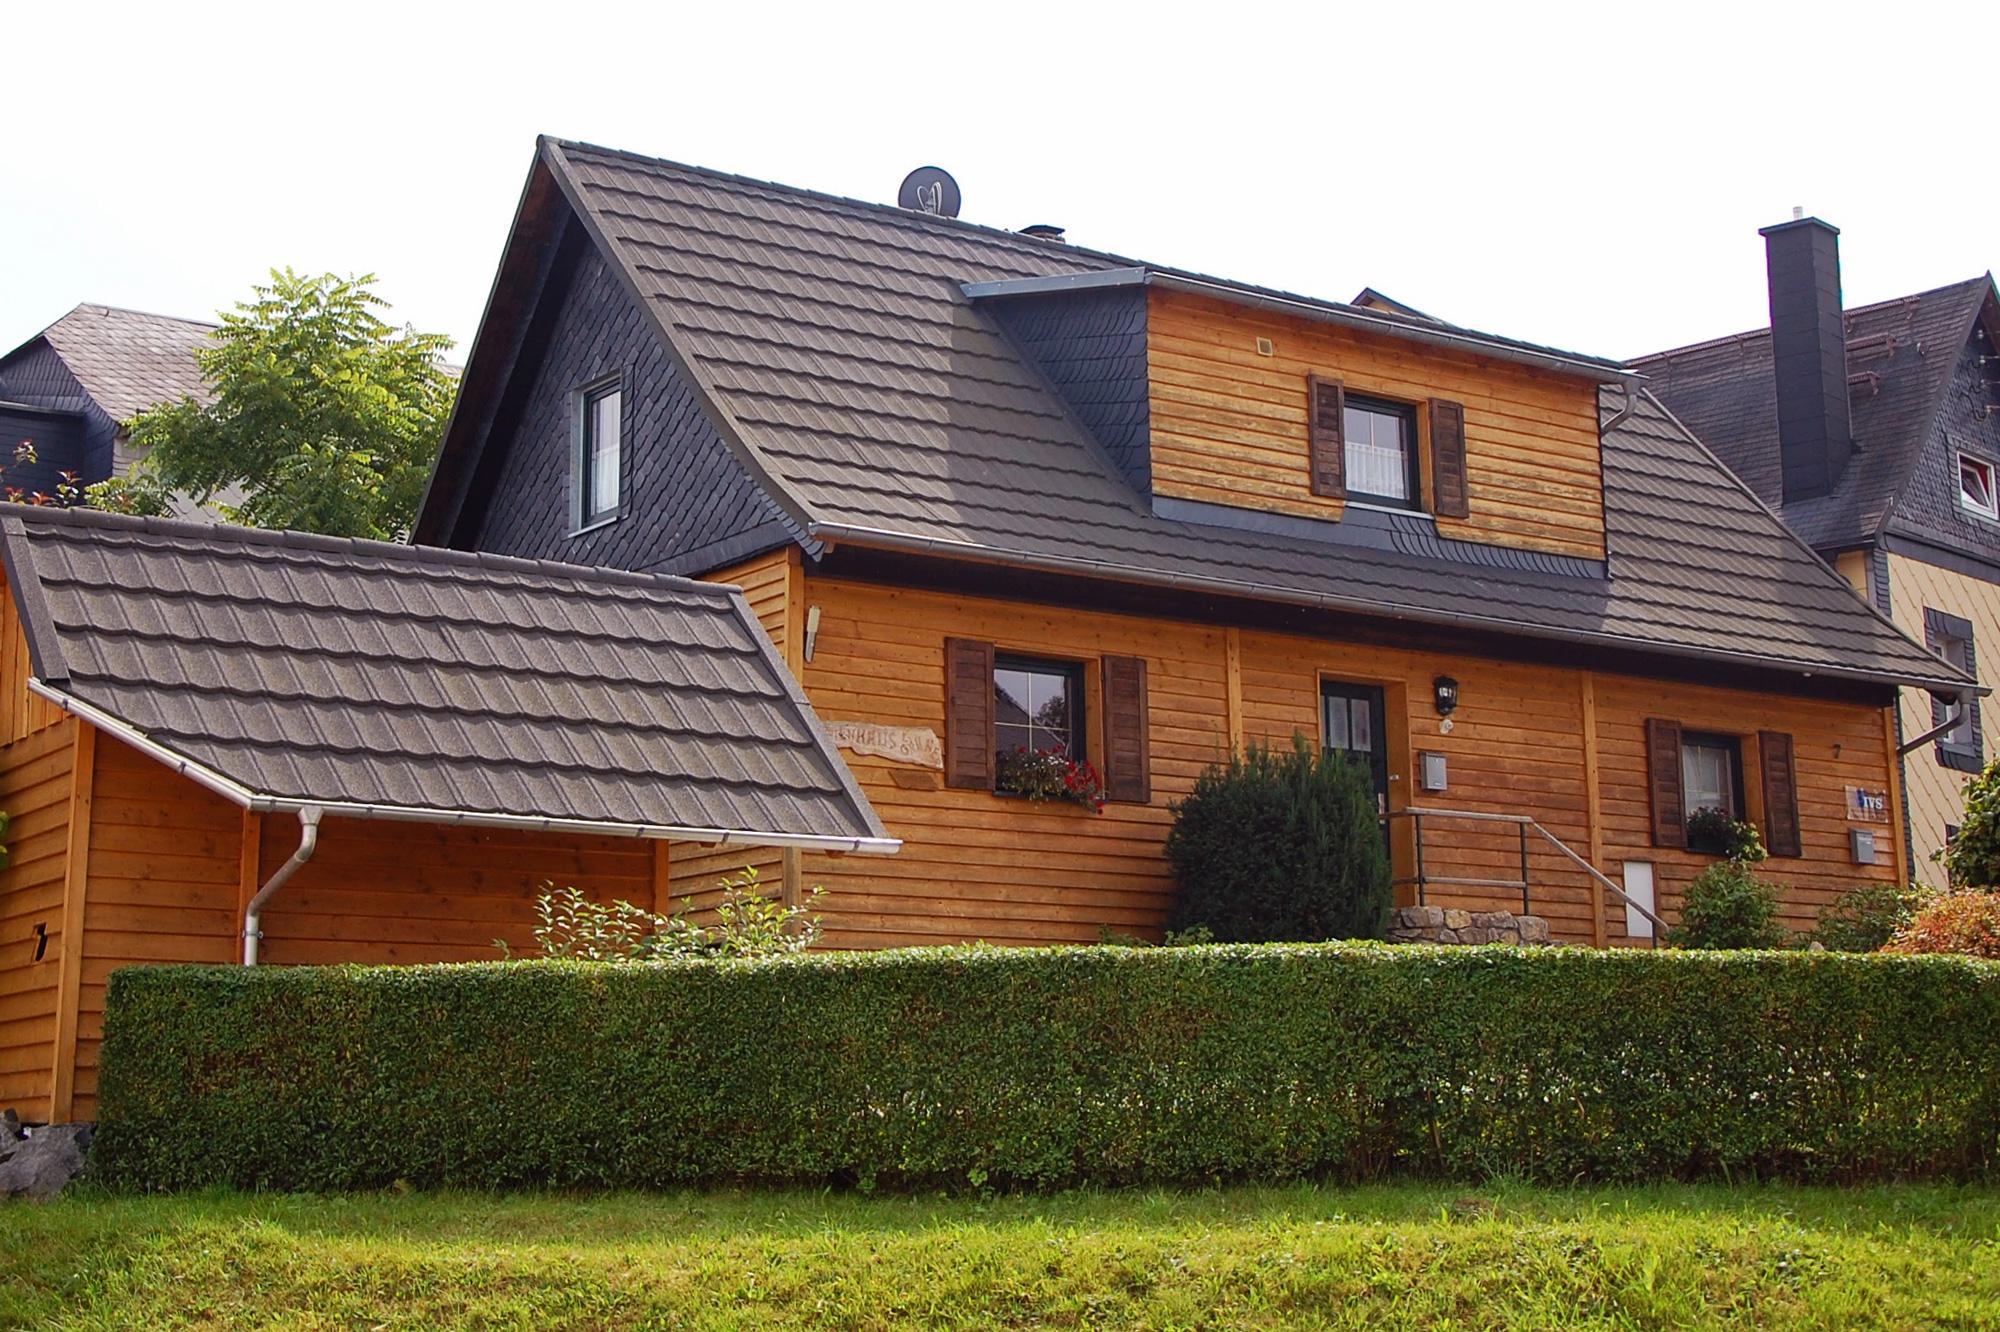 Blechdach, Harra, Saale-Orla-Kreis